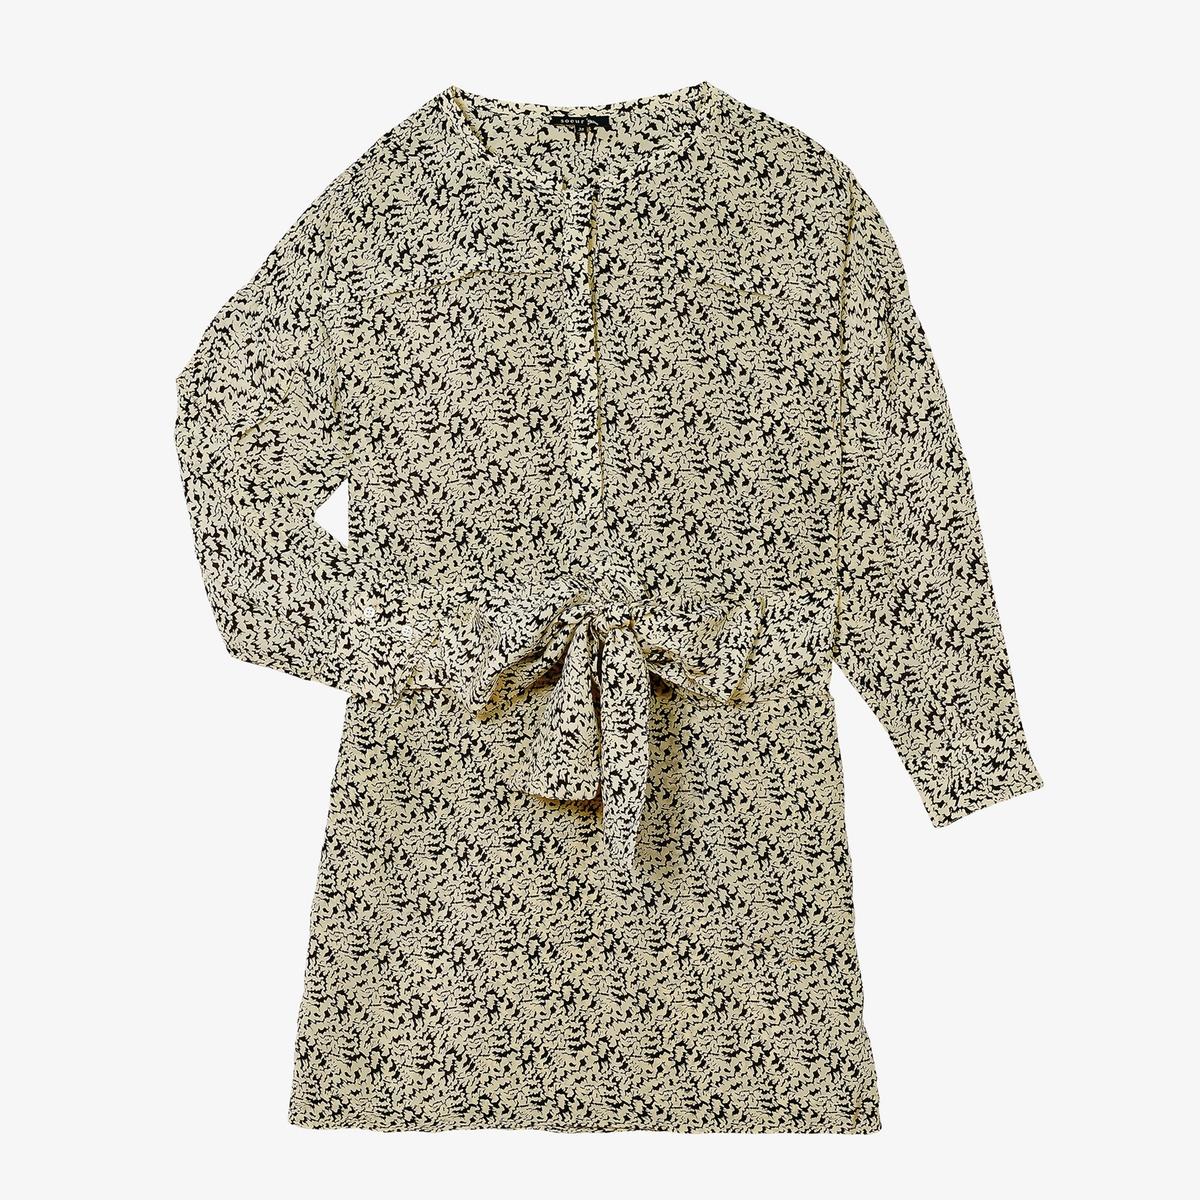 Платье La Redoute Короткое с длинными рукавами GIULIETA 42 (FR) - 48 (RUS) бежевый платье la redoute короткое с запахом с длинными рукавами 42 fr 48 rus черный